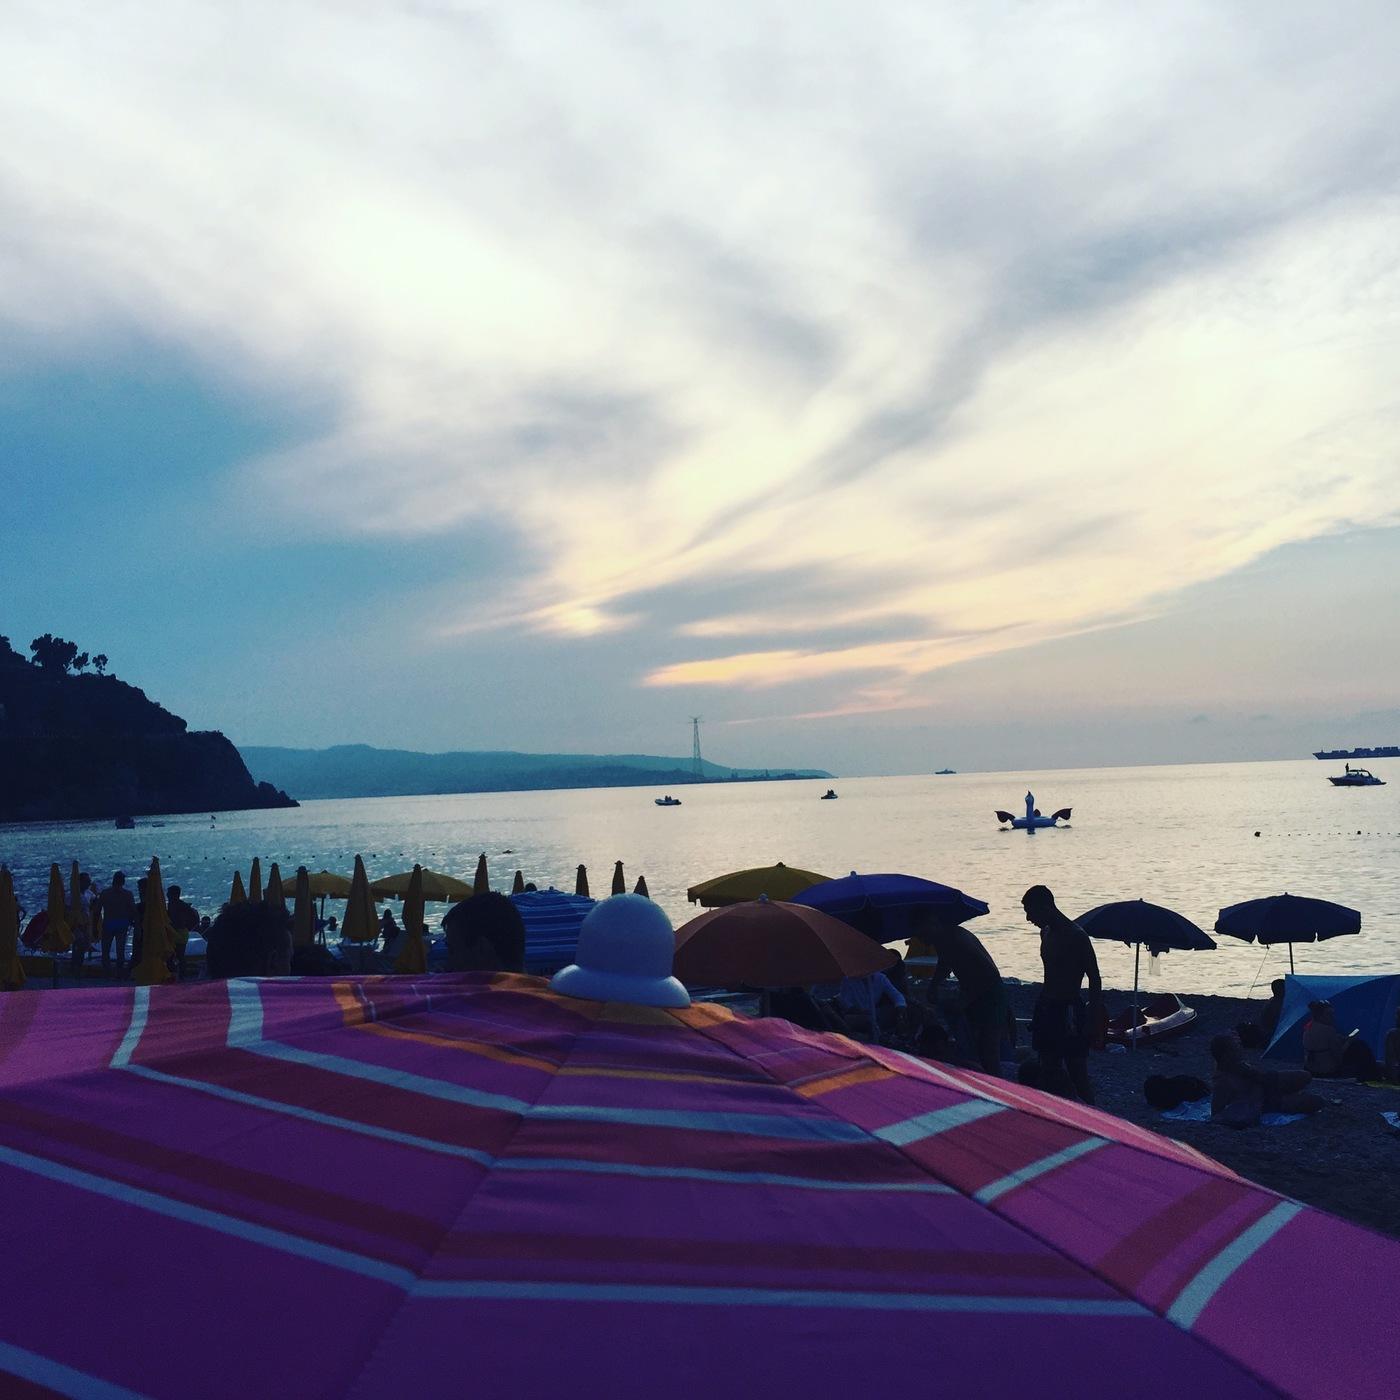 User submitted photo of Reggio di Calabria